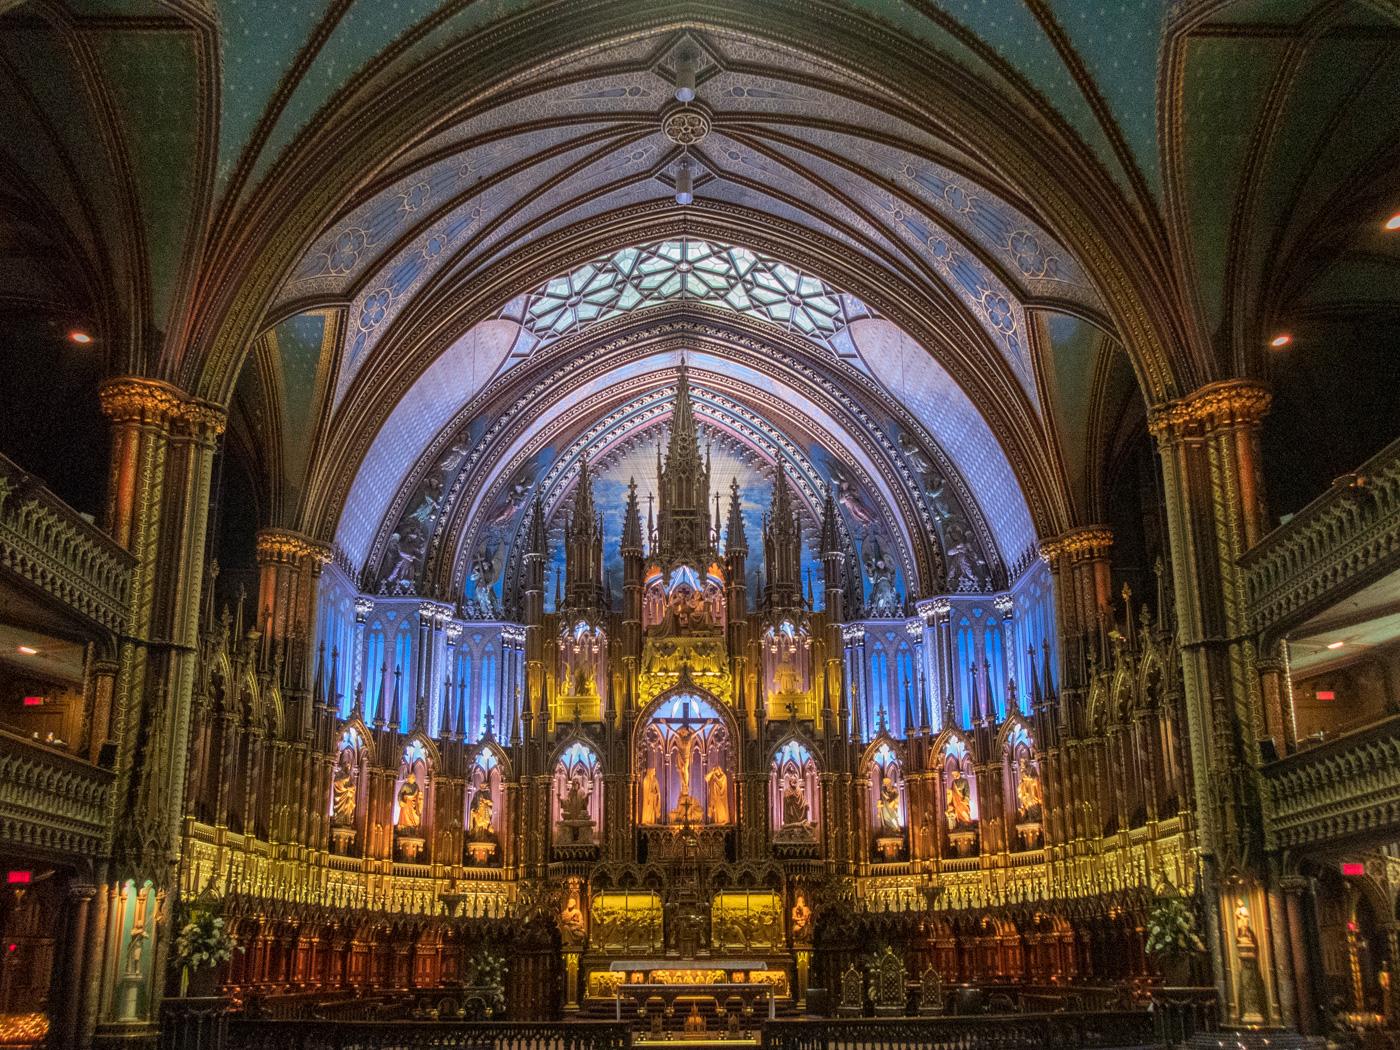 Notre-Dame Basilica - La Basilique Notre-Dame